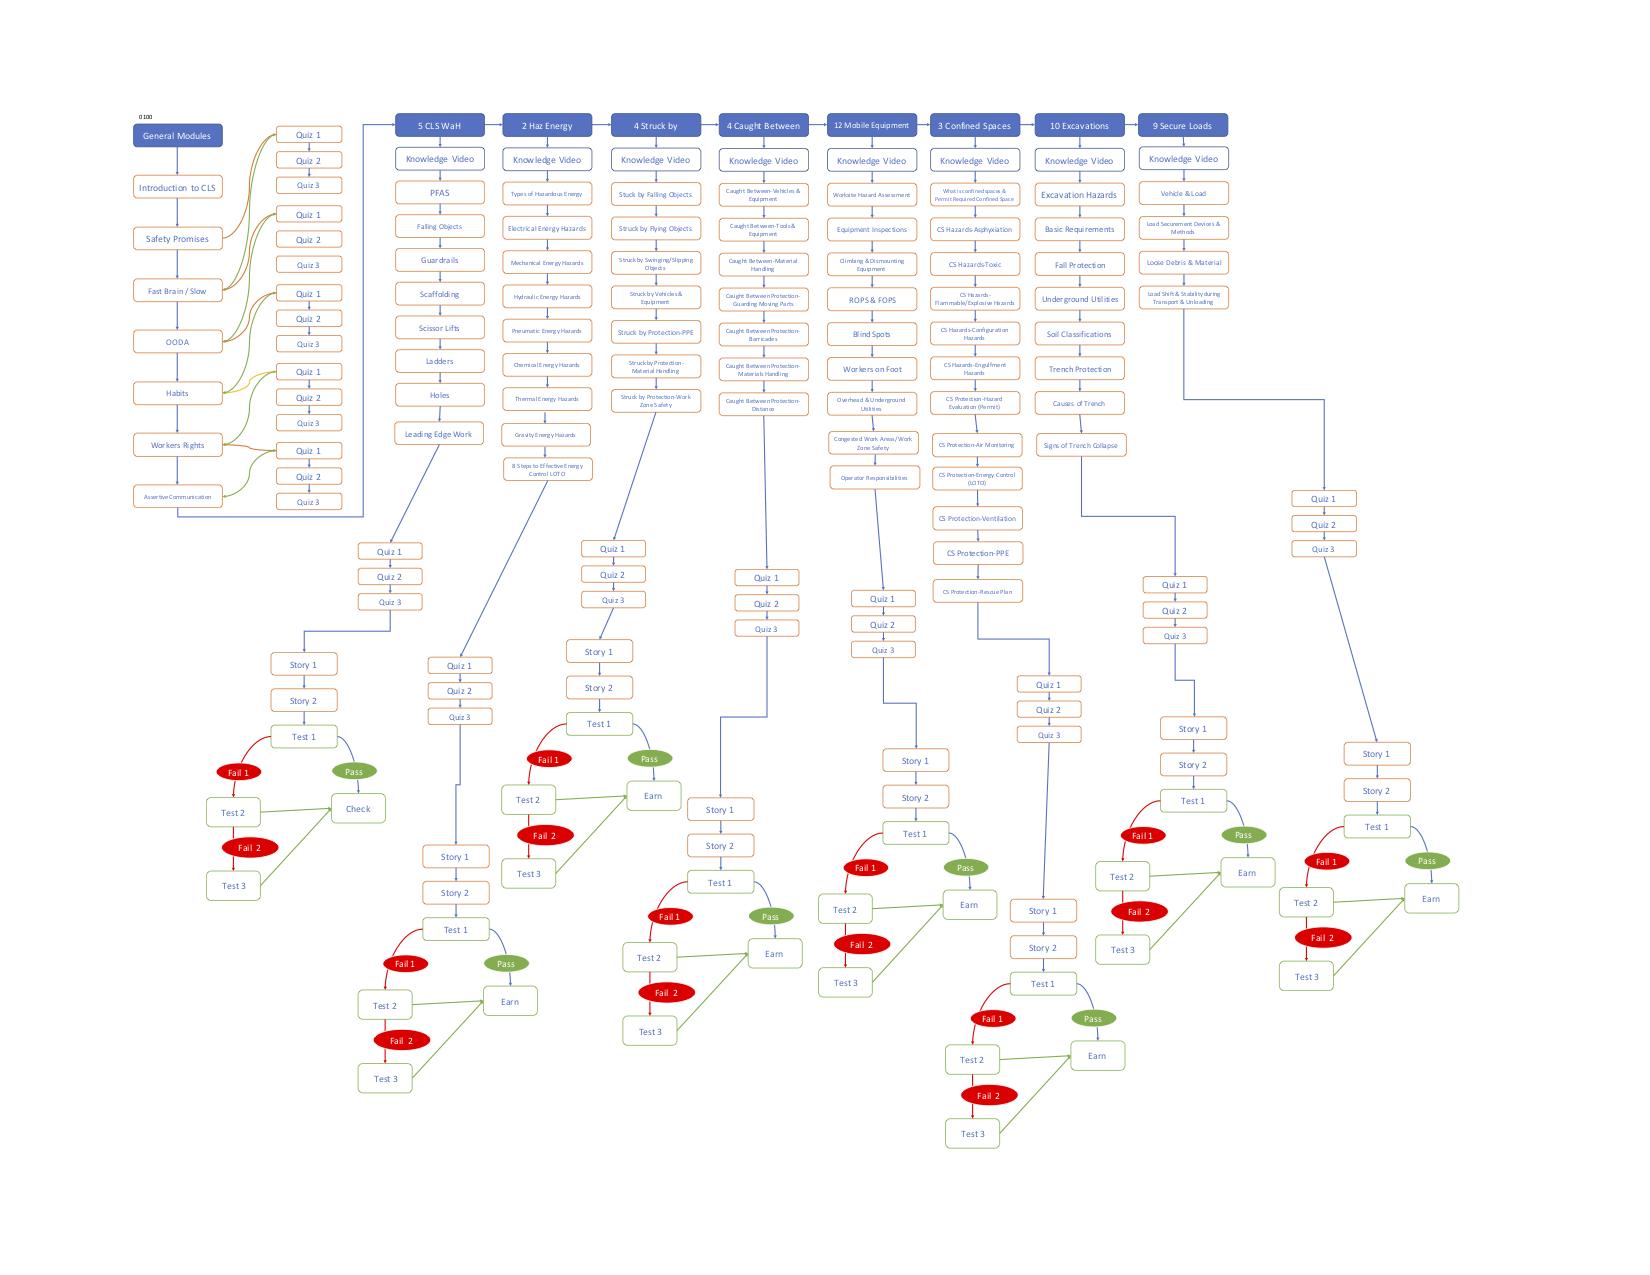 CLS Design Outline.png